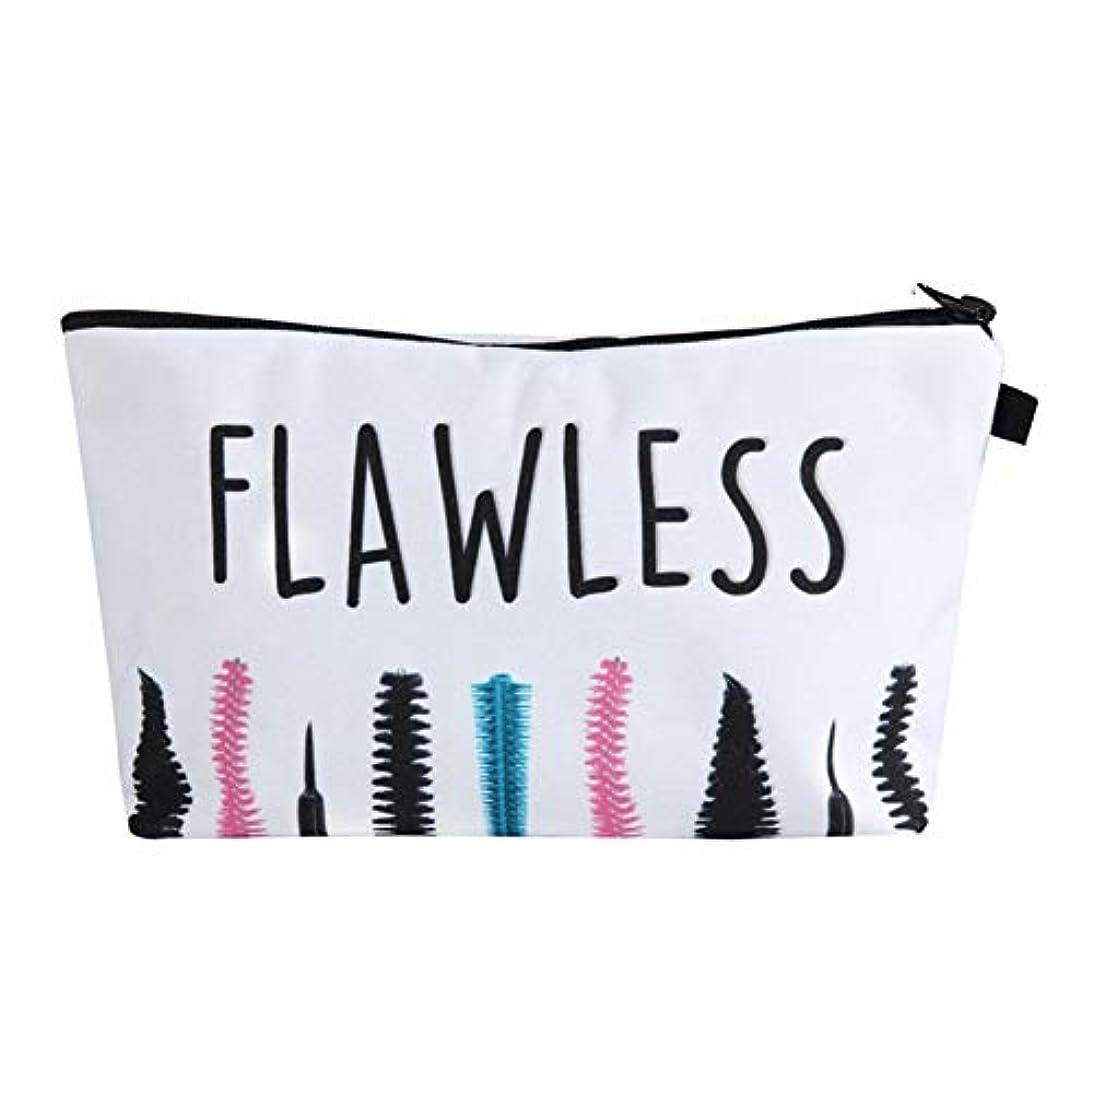 化粧オーガナイザーバッグ ポータブル防水化粧品袋印刷トップジッパーメークアップの場合旅行 化粧品ケース (色 : 白)